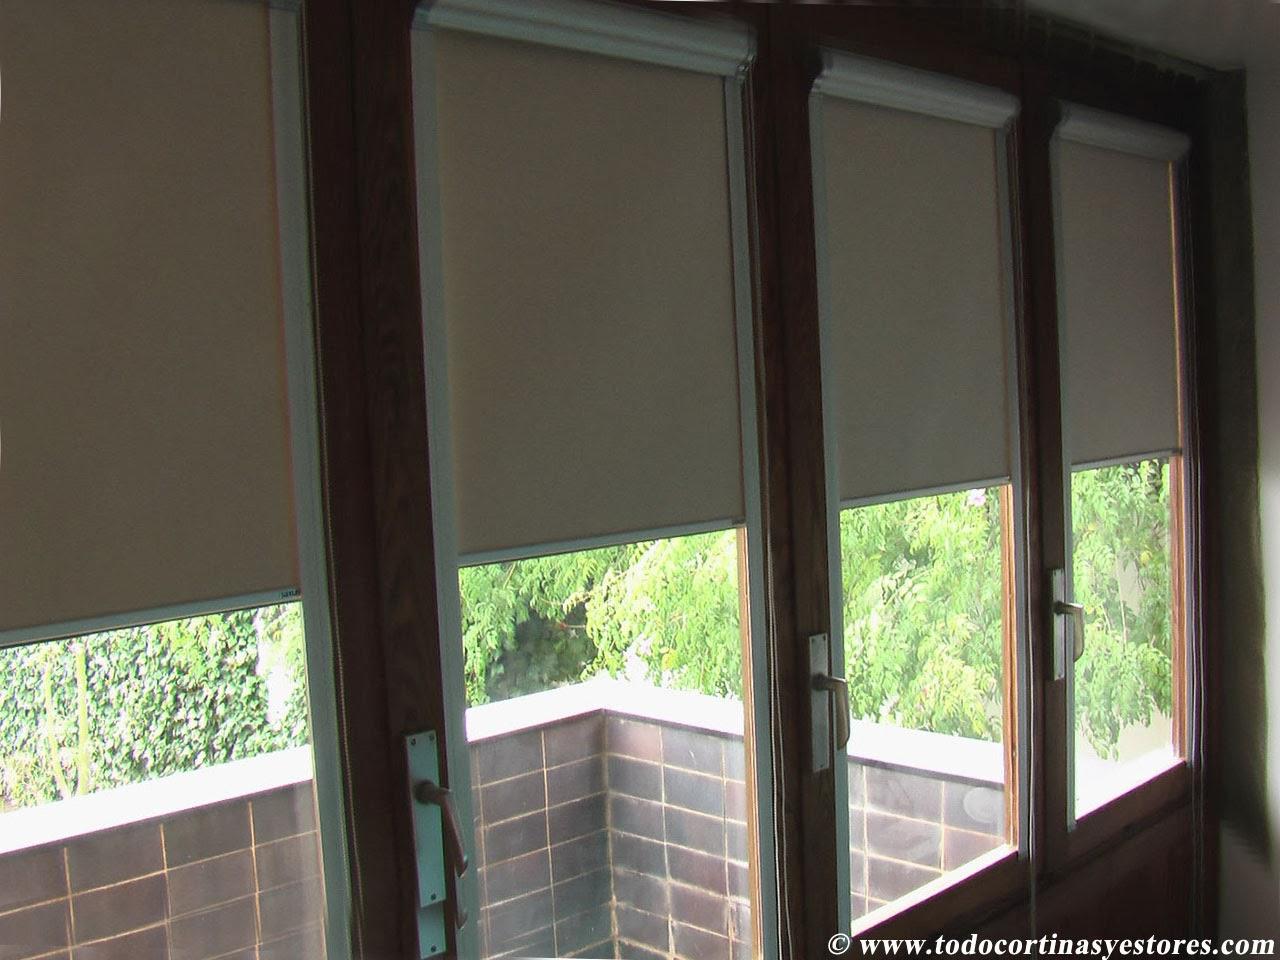 Decoracion interior cortinas verticales estores enrollables puertas plegables toldos - Estores opacos ...